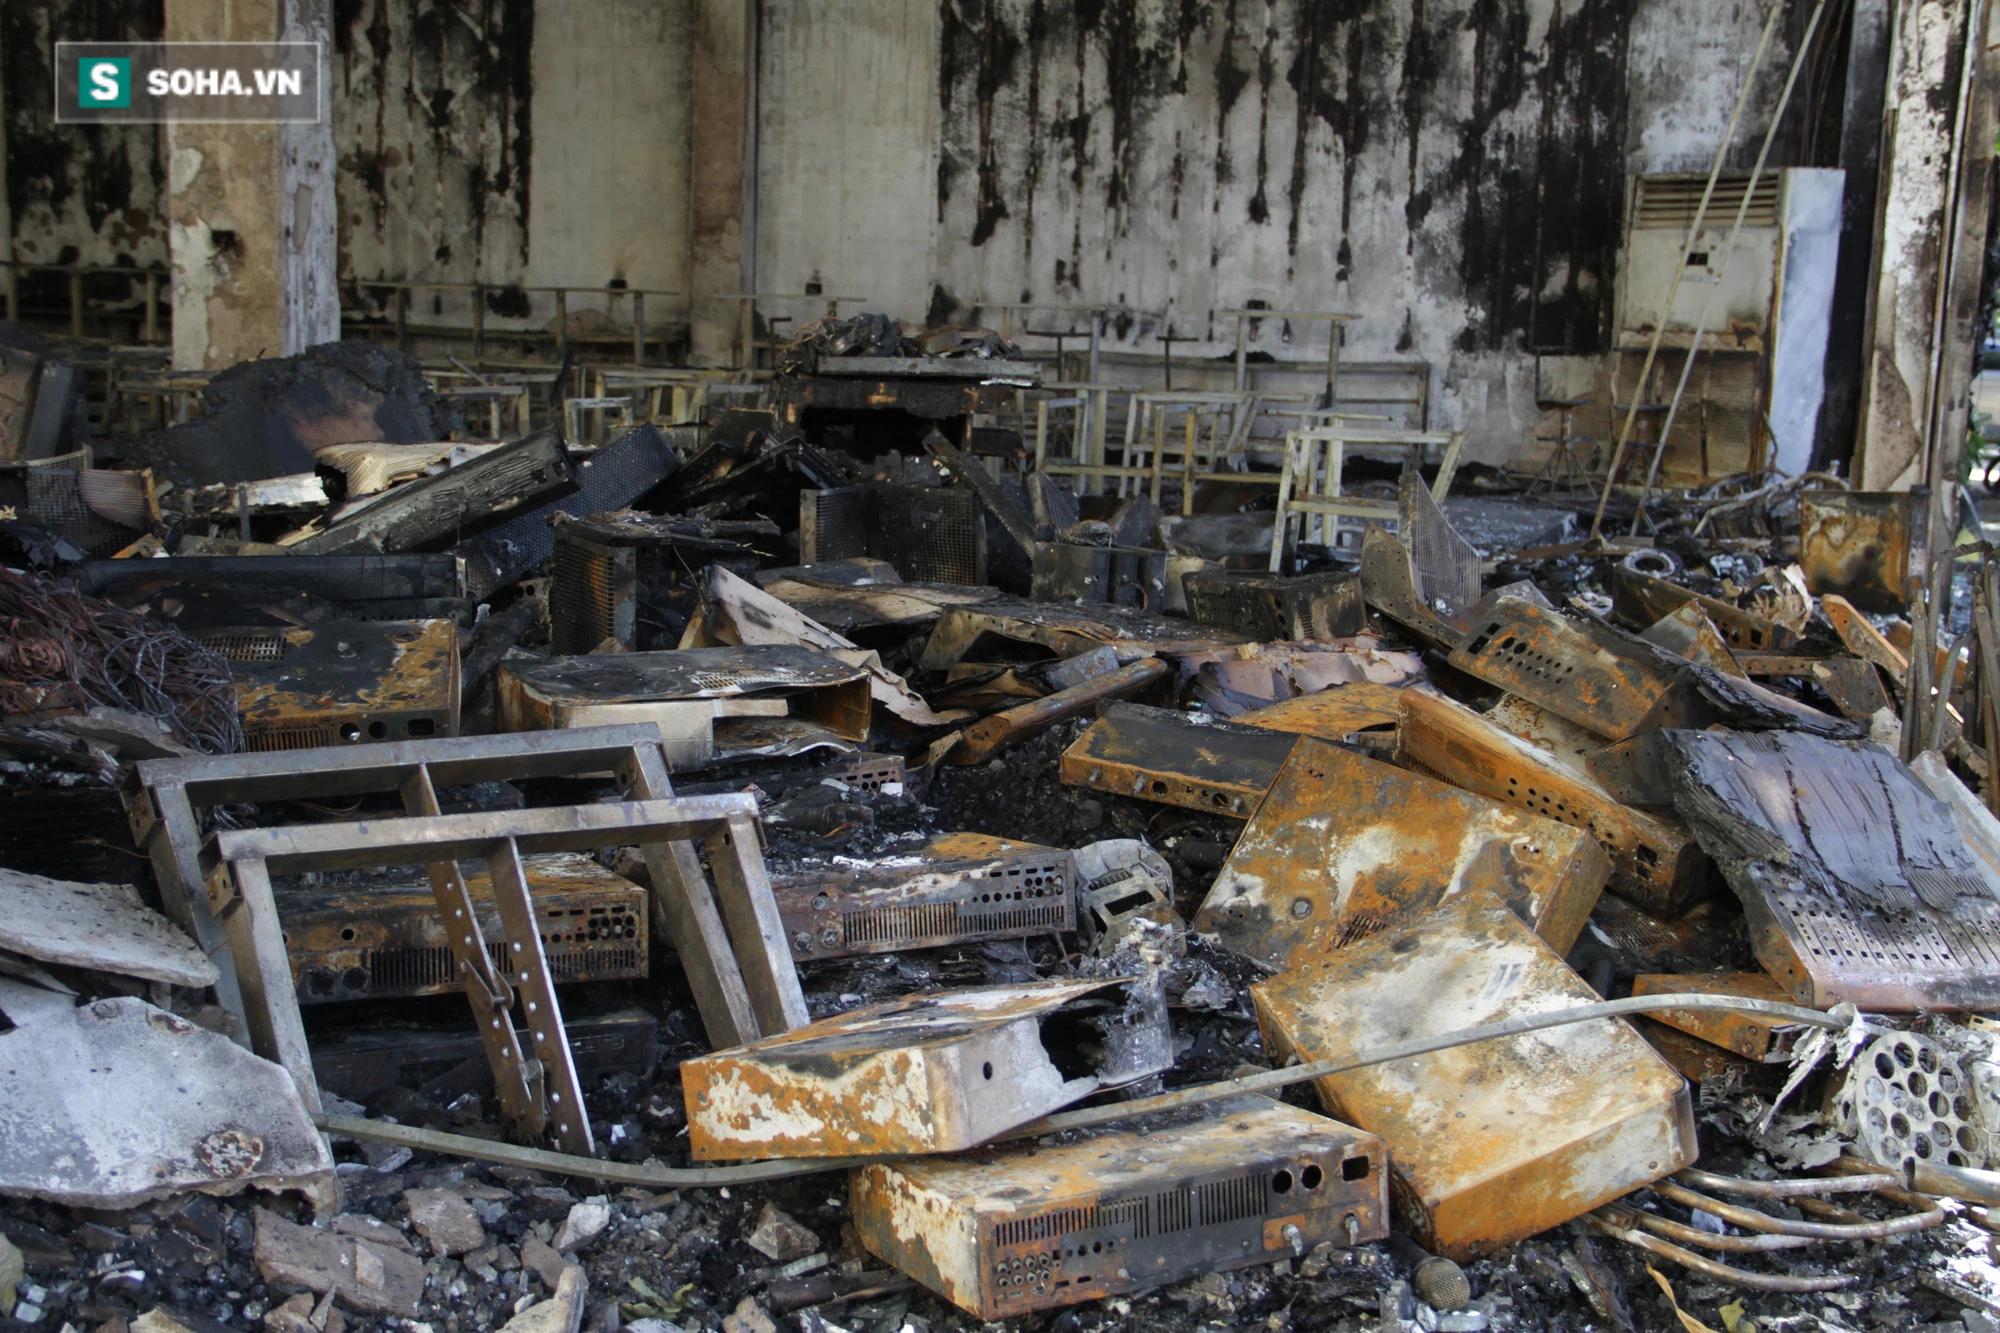 Cận cảnh hiện trường bên trong phòng trà bị cháy khiến 6 người tử vong ở Nghệ An - Ảnh 24.